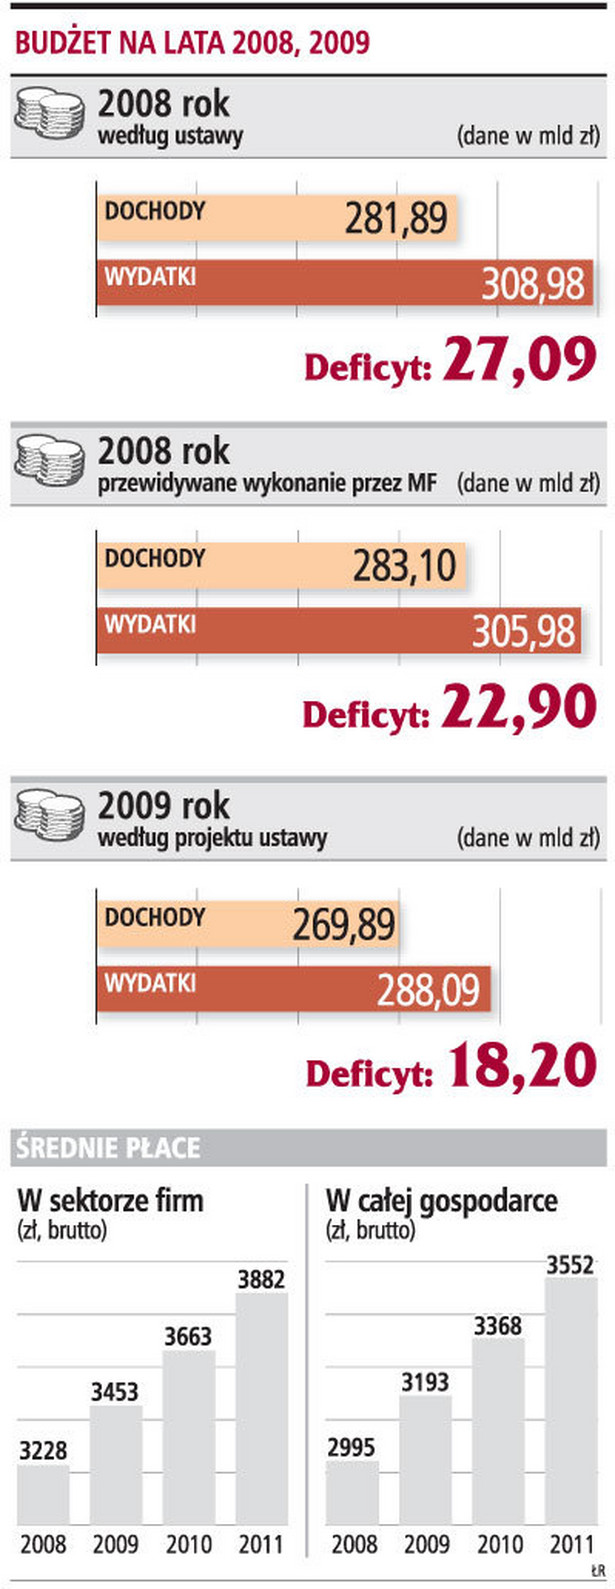 Budżet na lata 2008, 2009